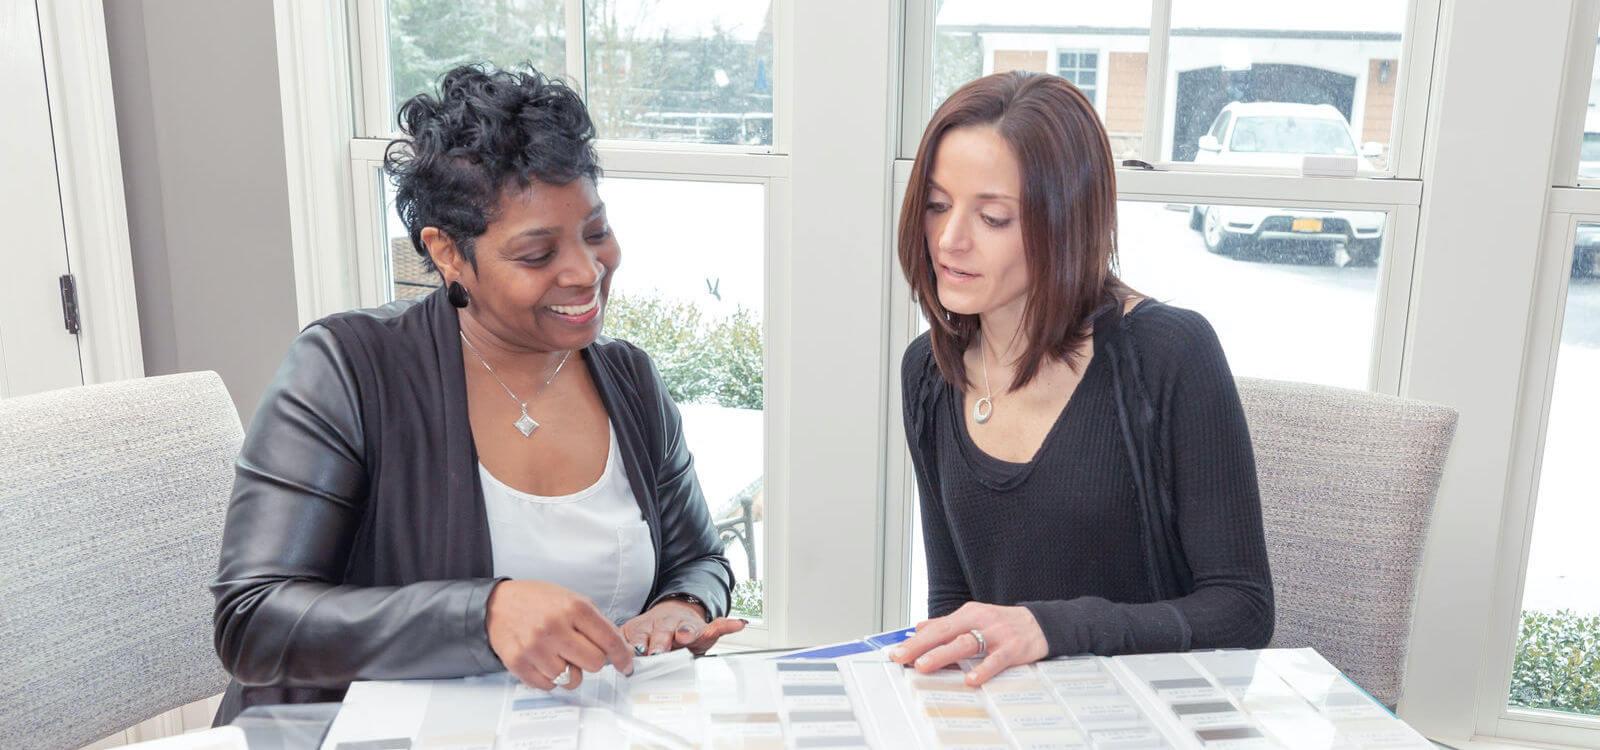 Une conseillère en décoration du Service à domicile montre des échantillons à une femme assise à une table de salle à dîner.